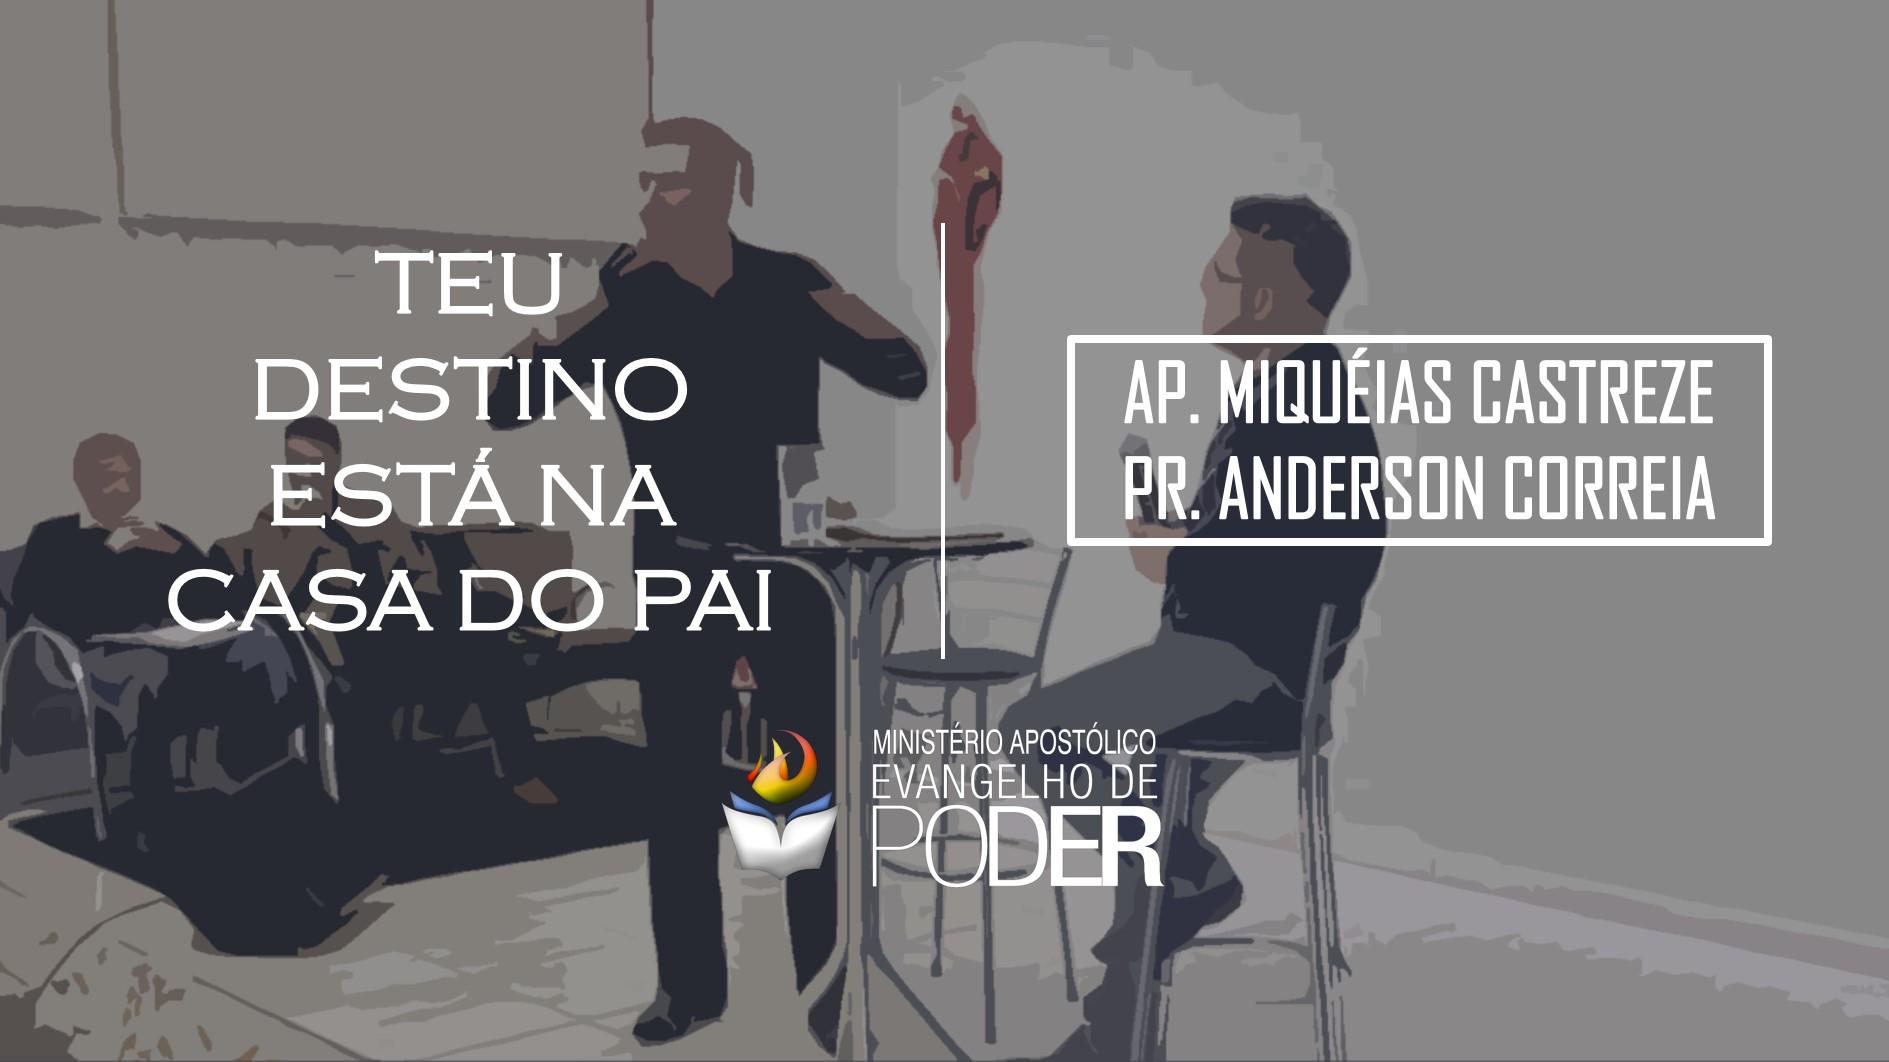 TEU DESTINO ESTÁ NA CASA DO PAI